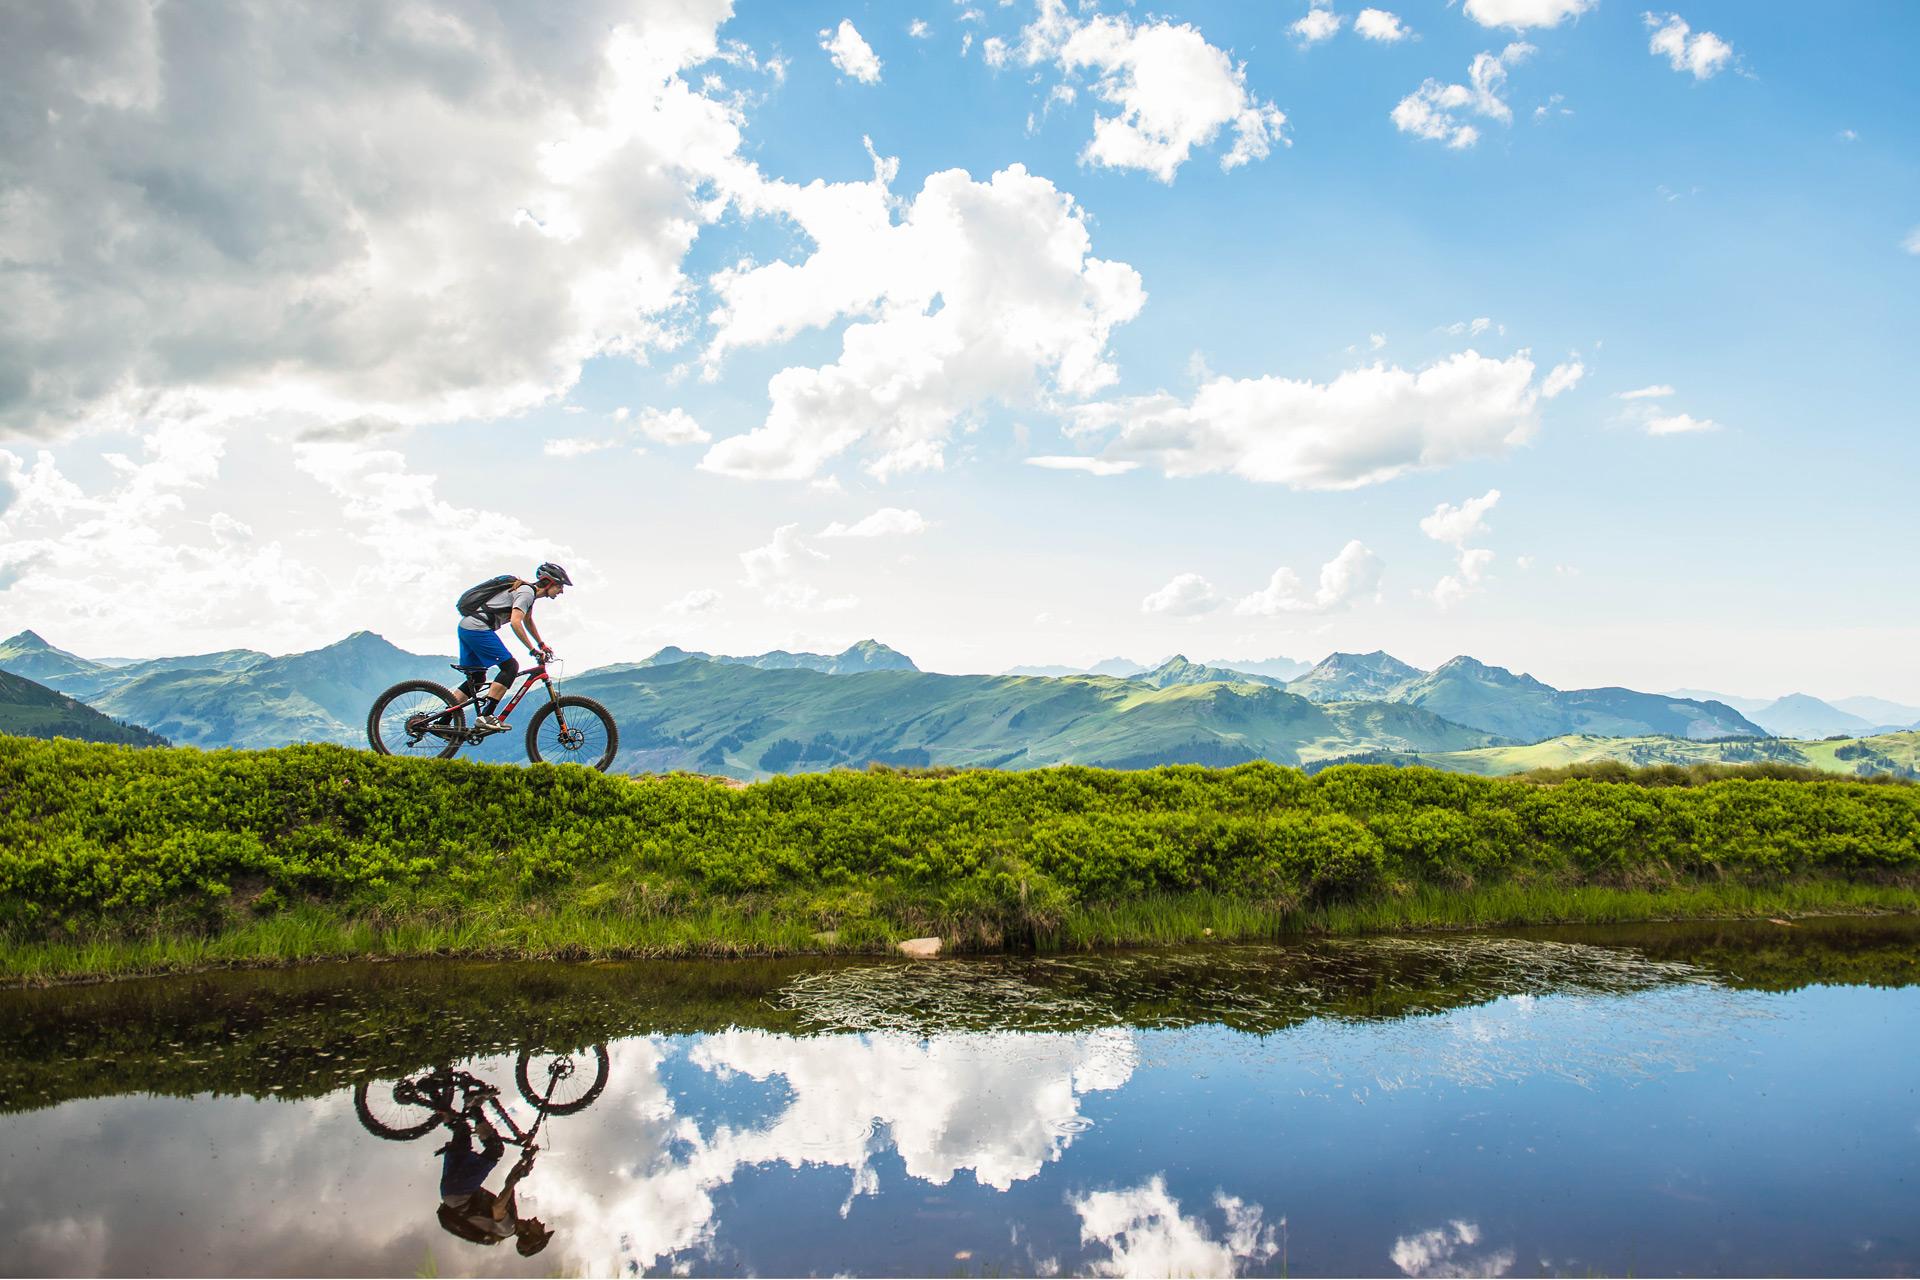 Unterschwarzachhof: Mountainbikung in Saalbach